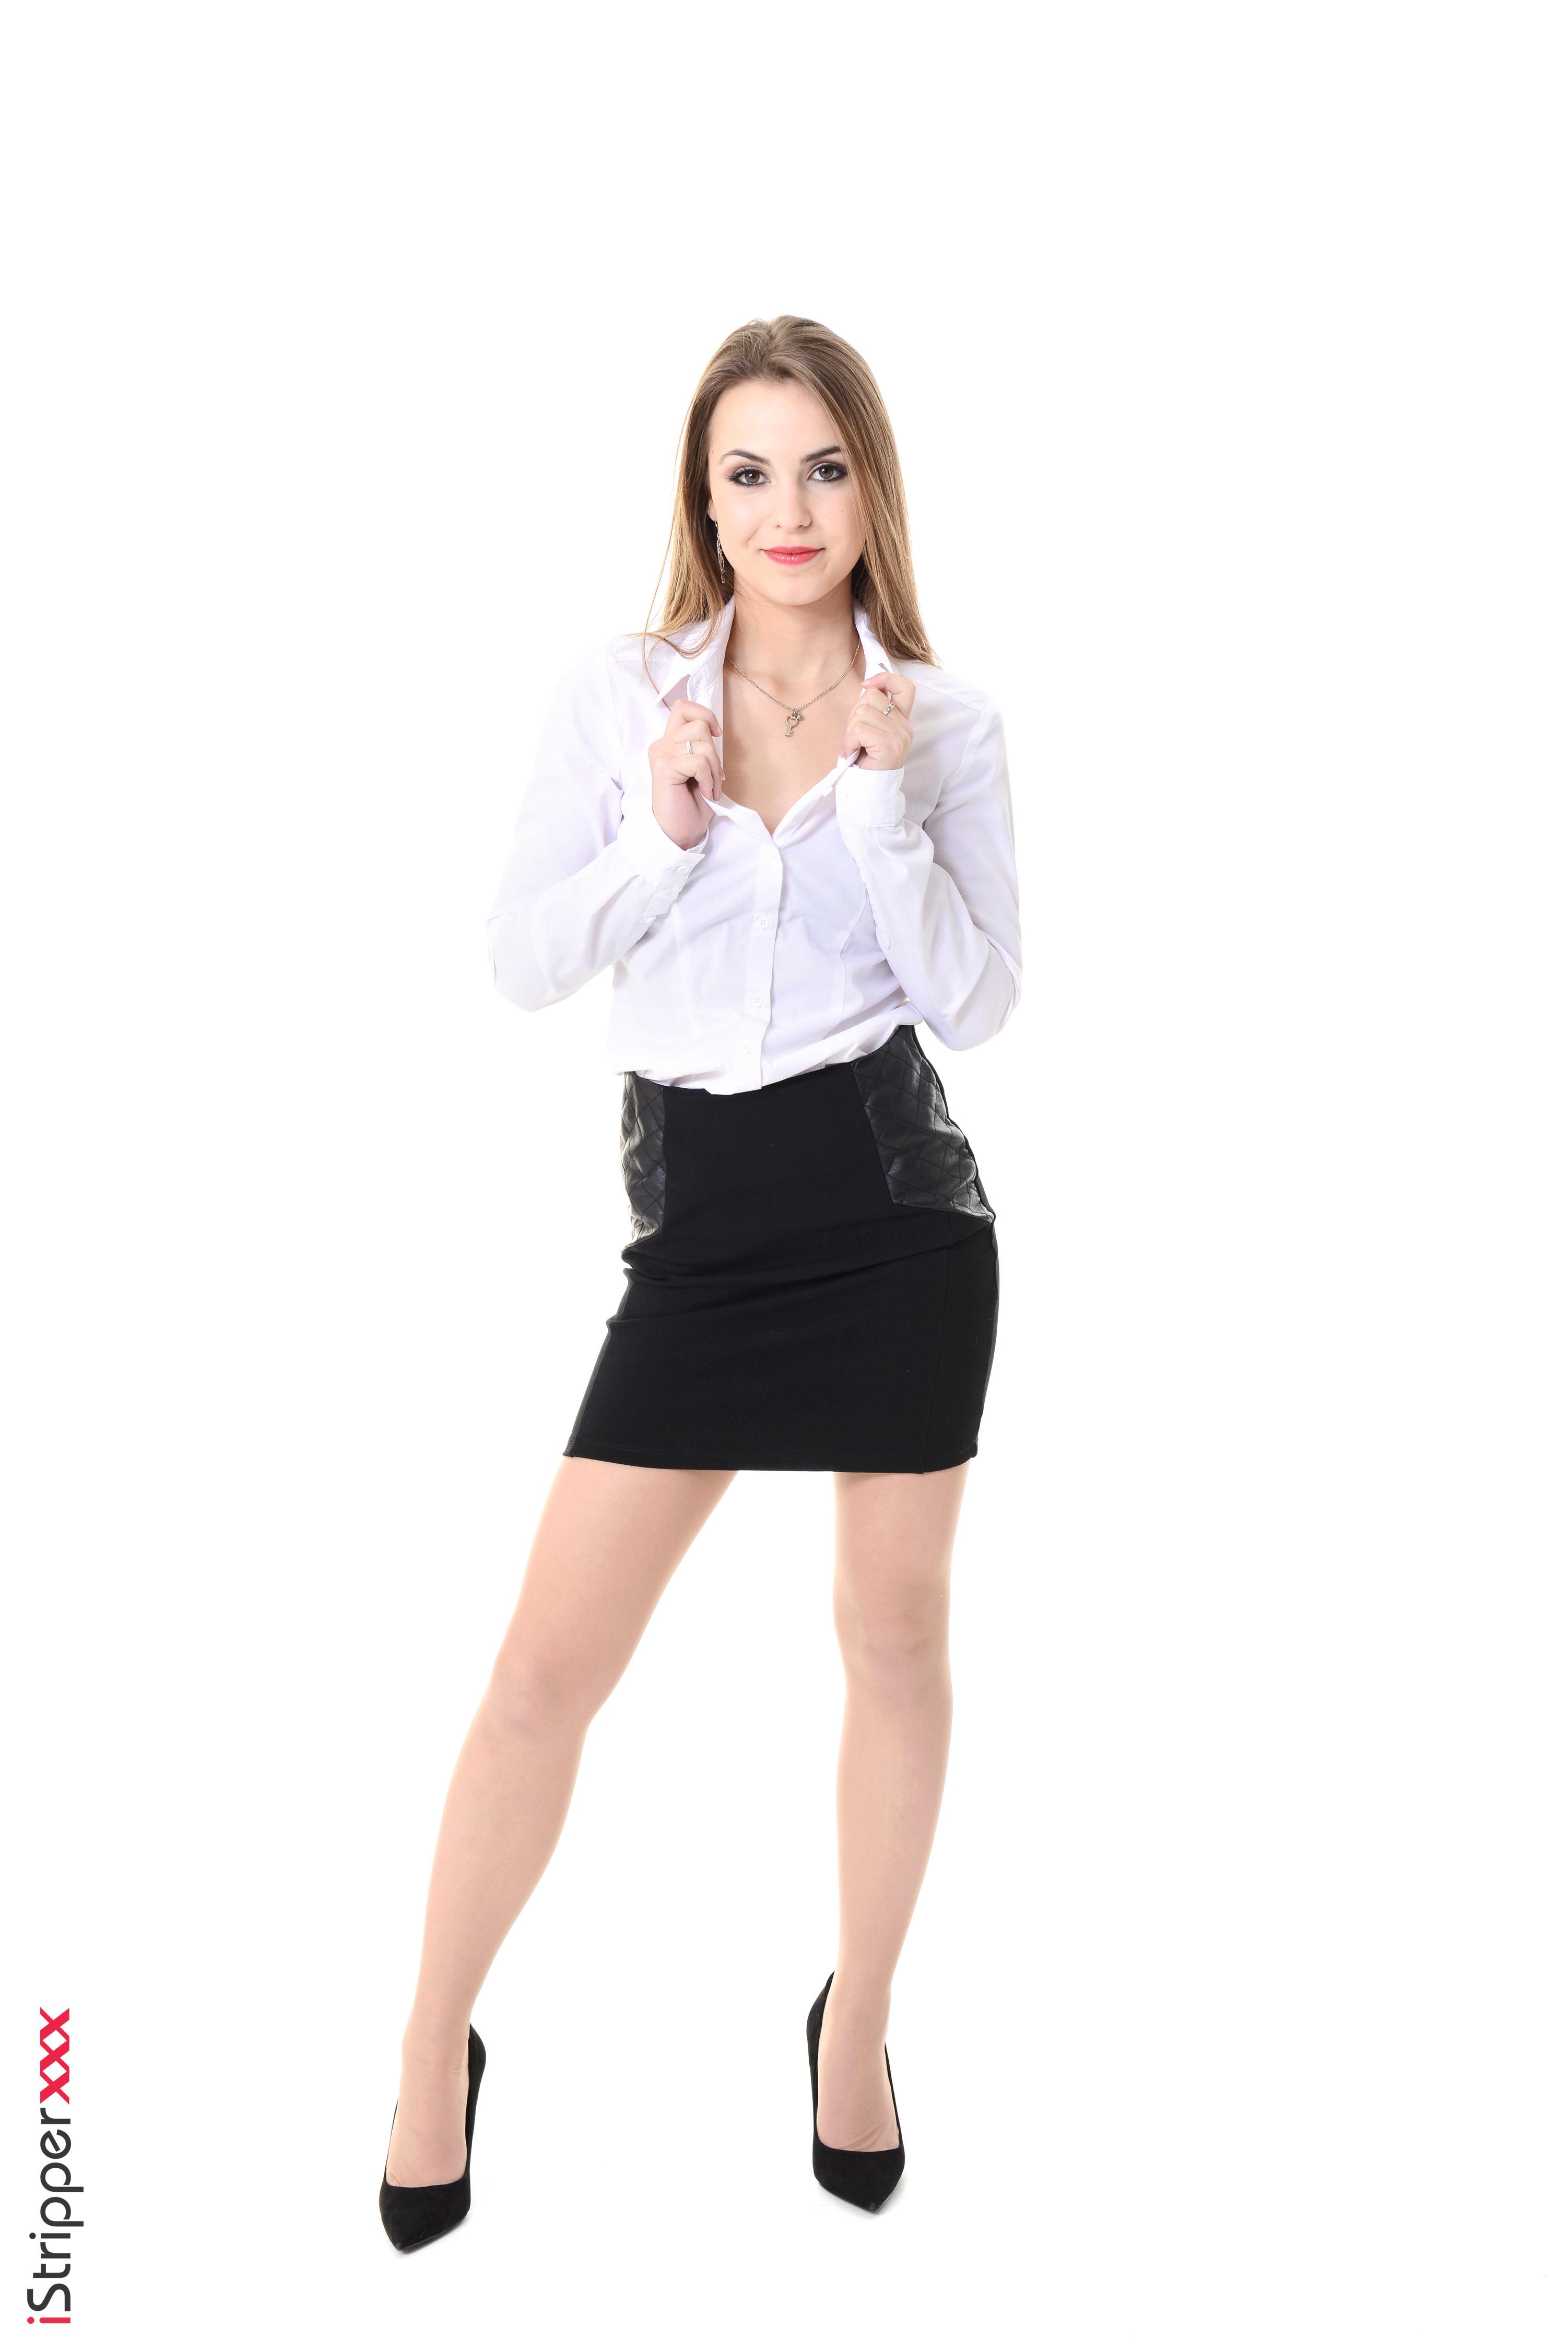 Fotos von Randy Ayn Rock Dunkelbraun Sekretärinen iStripper junge Frauen Bein Hand Weißer hintergrund High Heels 3003x4500 für Handy Mädchens junge frau Stöckelschuh